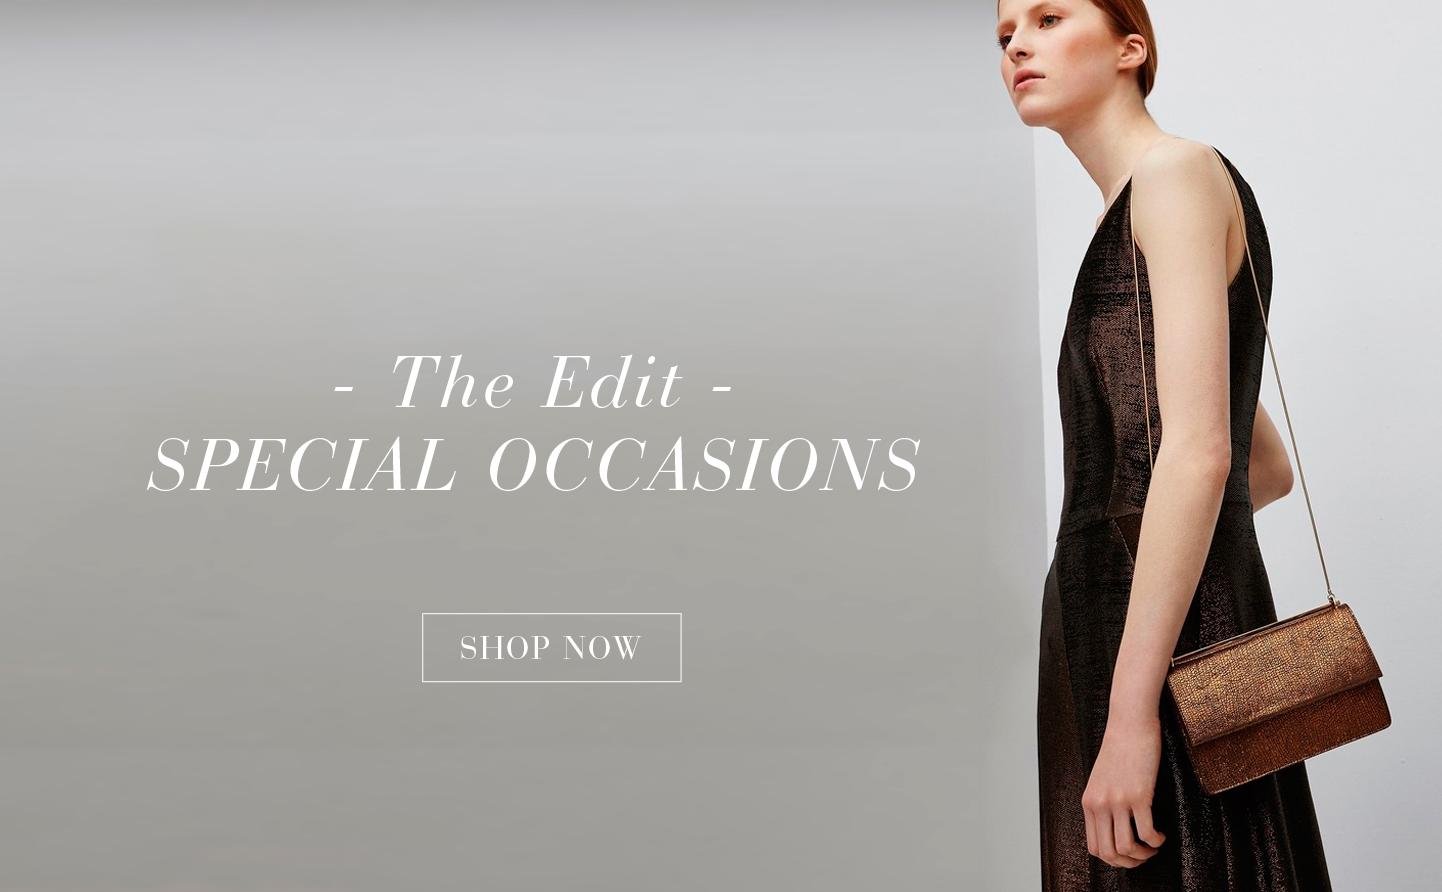 moda exclusiva en adolfo dominguez online web oficial